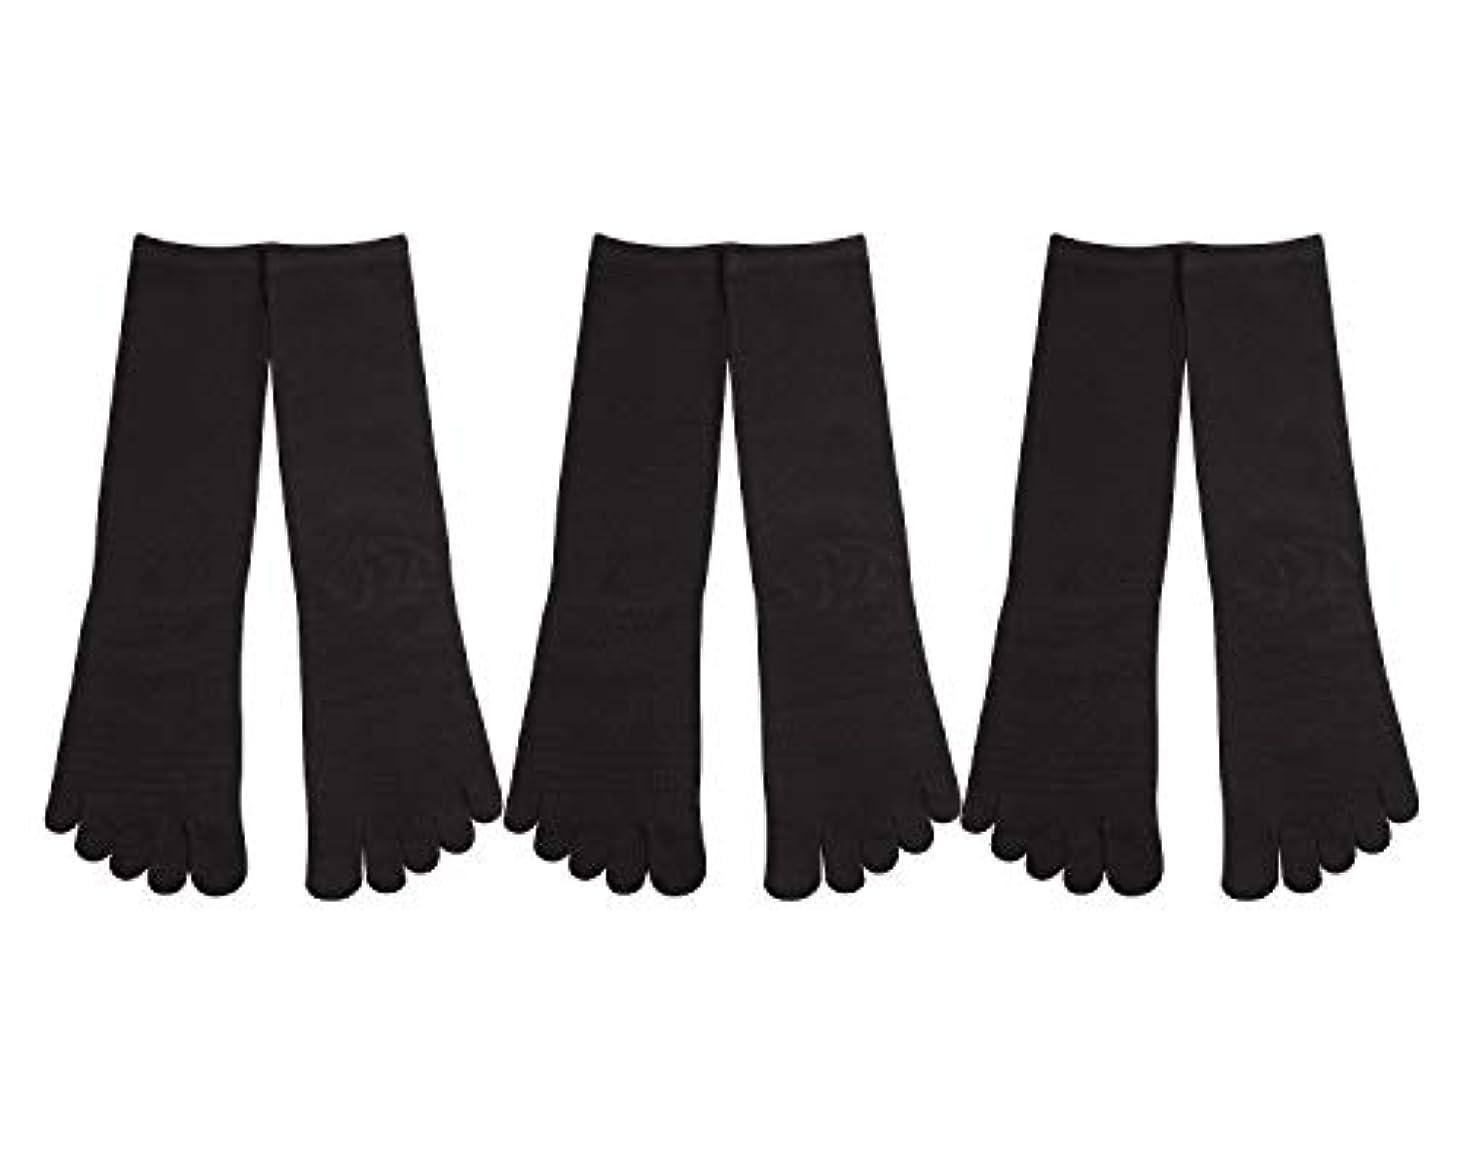 封筒ラップ放散するDeol(デオル) 5本指 靴下 男性用 黒 3足セット 25cm-27cm メンズ [足のニオイ対策] 長時間消臭 日本製 靴下